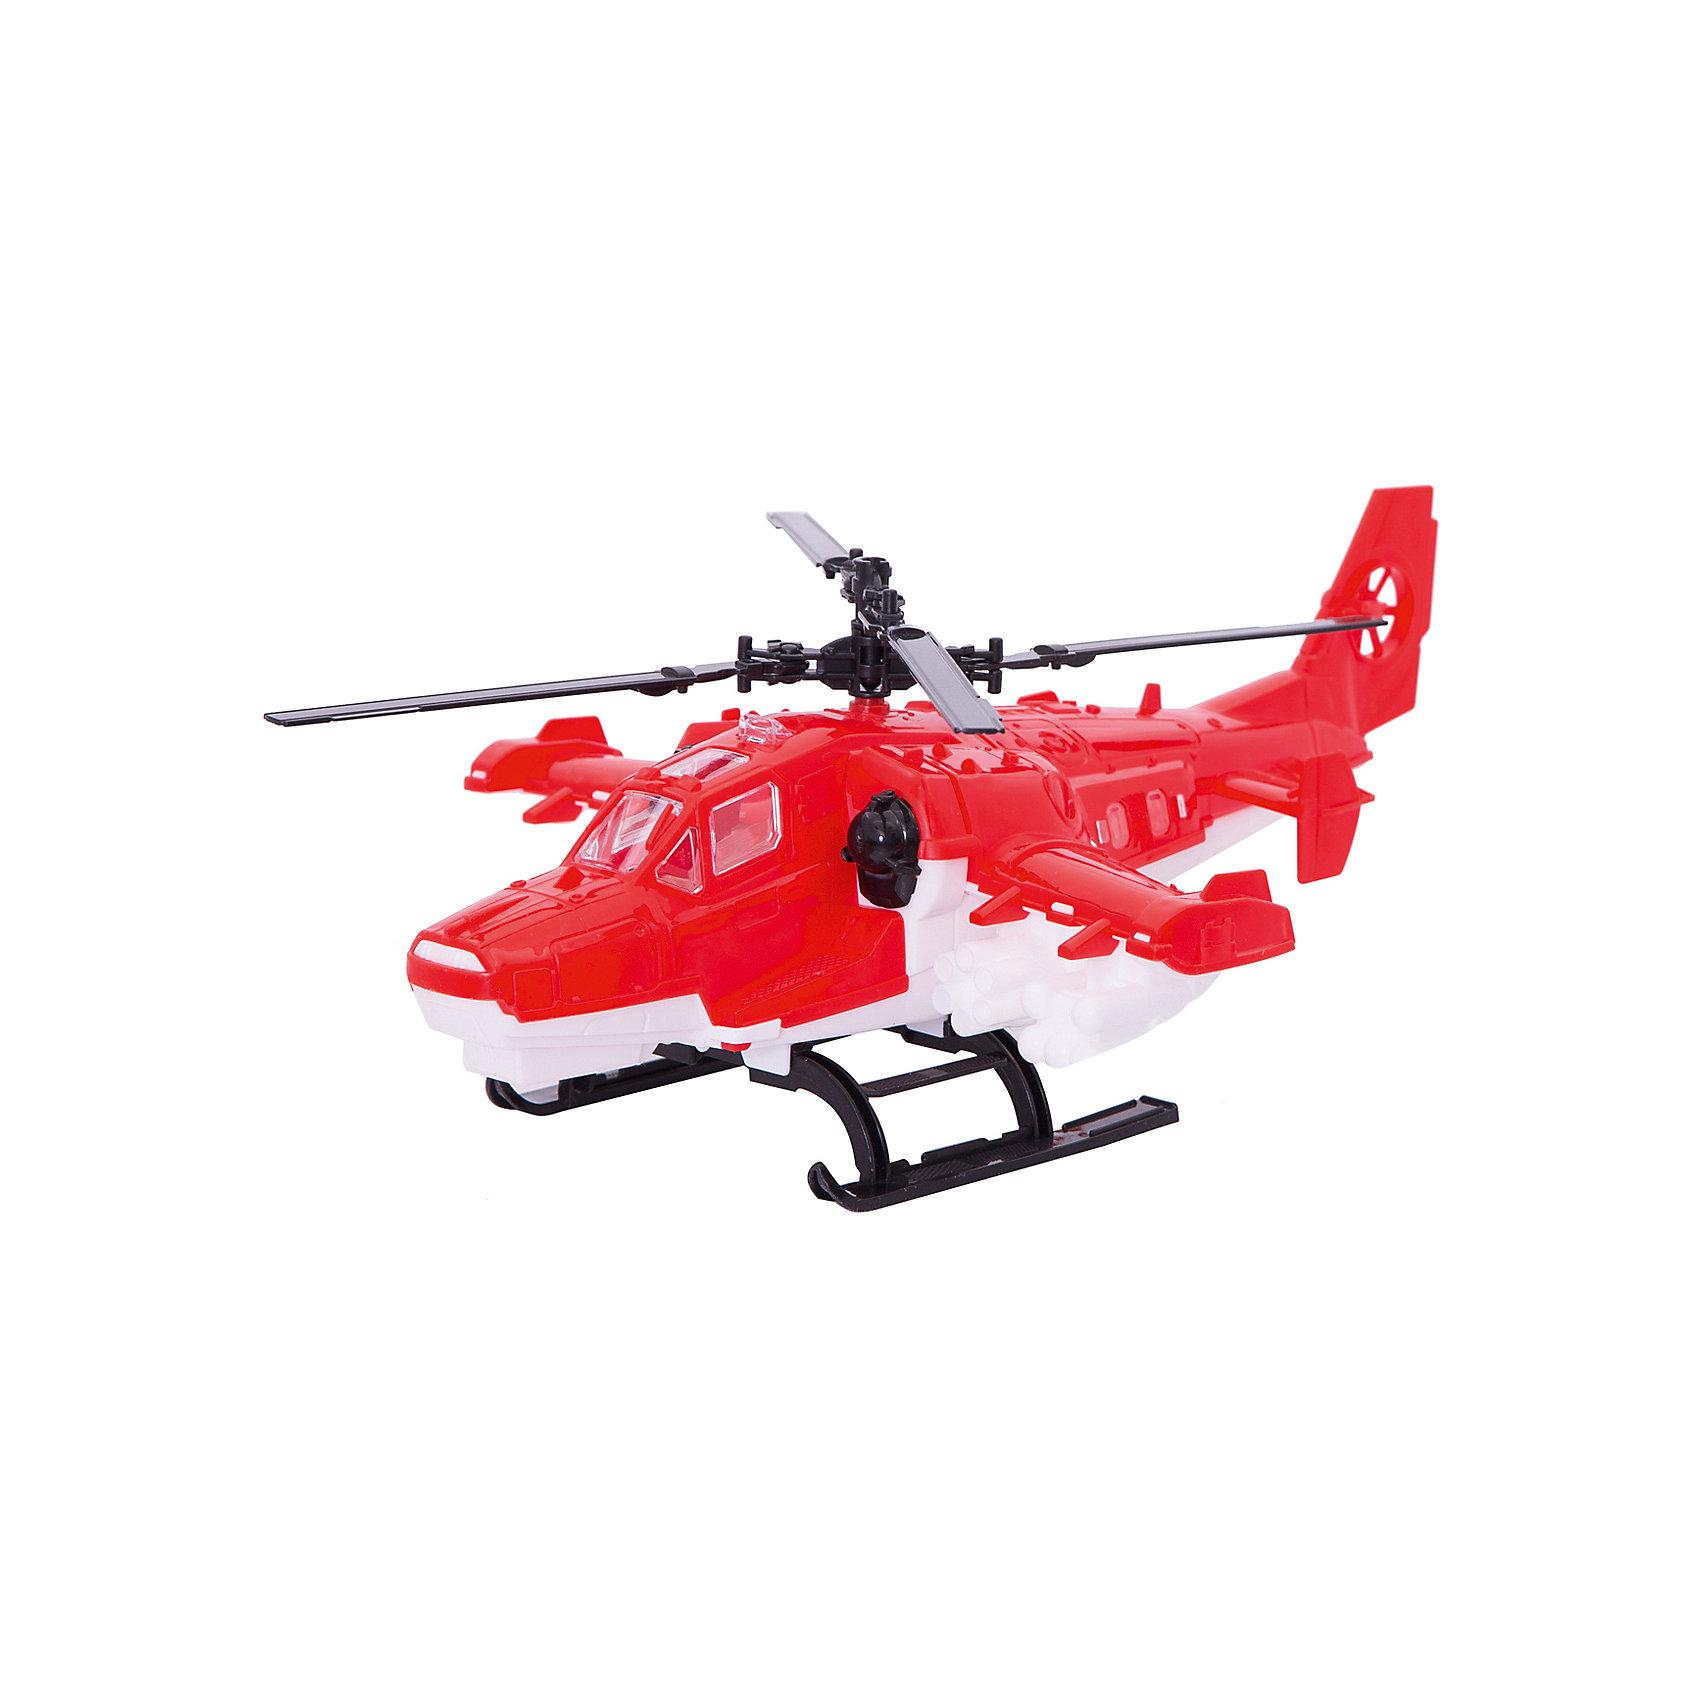 Пожарный вертолет, НордпластПожарный вертолет, Нордпласт – это отличный подарок для любого мальчугана!<br>Пожарный вертолет от компании «Нордпласт» выглядит совсем как настоящий. Вертолет можно катать на полозьях, что особенно интересно делать в песочнице или на снегу. Вертолет имеет легко вращающиеся лопасти и открывающийся грузовой люк, так что в нем можно перевозить разные грузы, например маленькие машинки! Вертолет отлично подойдет для игры дома или в песочнице. Игрушка изготовлена из высококачественной пищевой пластмассы, без трещин и заусениц, поэтому во время эксплуатации выдержит многие детские шалости. Она покрыта нетоксичной краской, не облупливающейся и не выгорающей на солнце.<br><br>Дополнительная информация:<br><br>- Материал: высококачественная пластмасса<br>- Цвет: красный, белый, черный<br>- Размер игрушки: 16х27х40 см.<br>- Вес: 290 гр.<br><br>Пожарный вертолет, Нордпласт можно купить в нашем интернет-магазине.<br><br>Ширина мм: 160<br>Глубина мм: 270<br>Высота мм: 400<br>Вес г: 290<br>Возраст от месяцев: 24<br>Возраст до месяцев: 60<br>Пол: Мужской<br>Возраст: Детский<br>SKU: 4060292